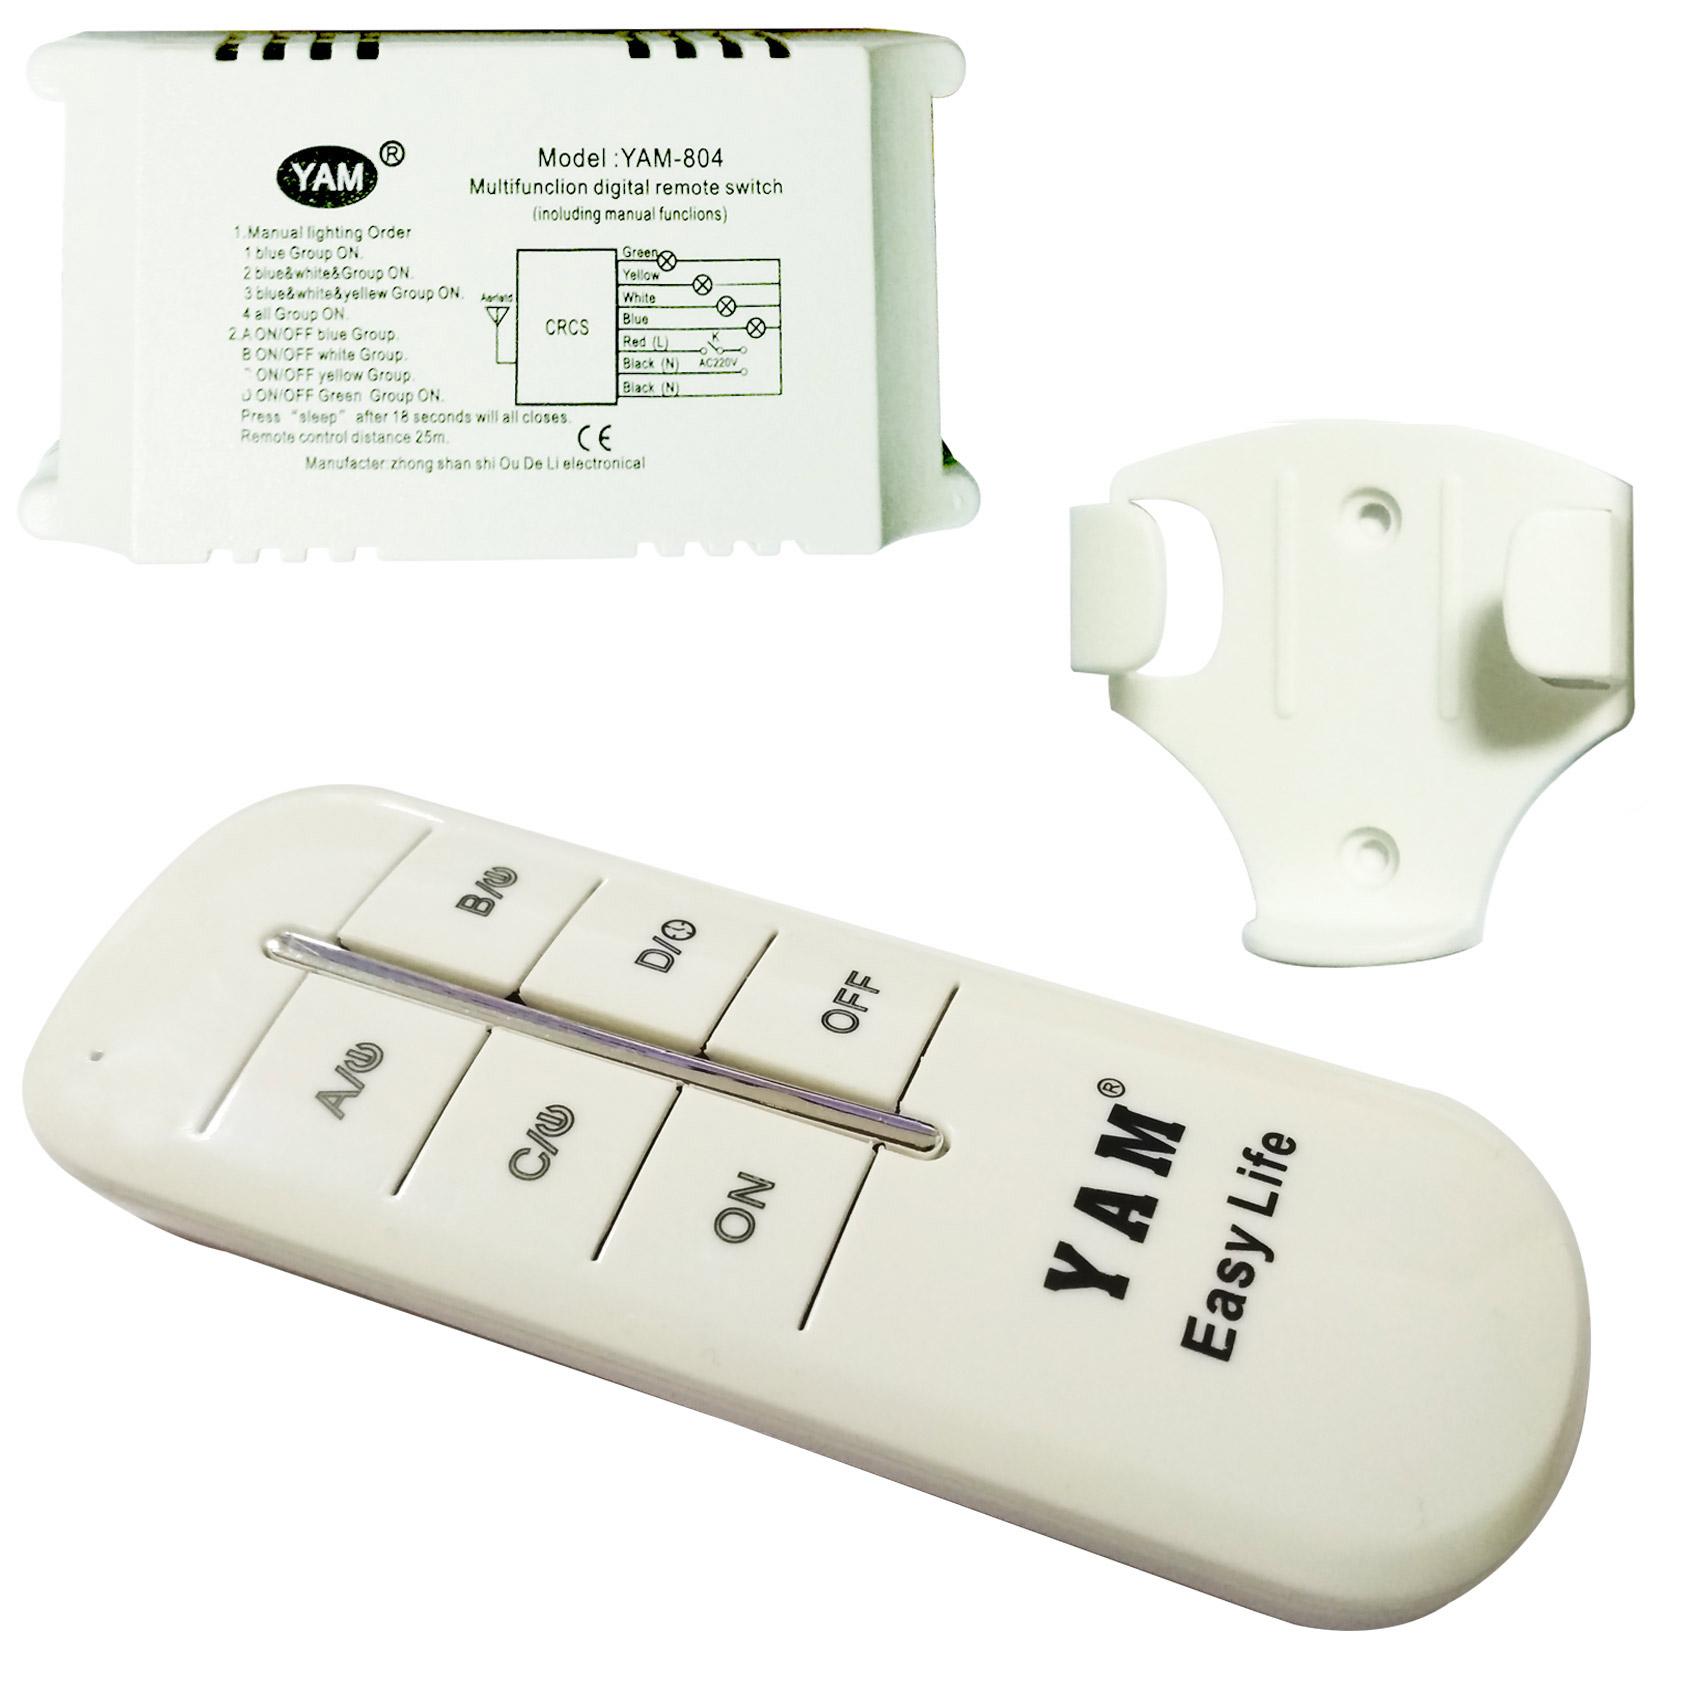 ریموت کنترل روشنایی یام مدل YAM-804